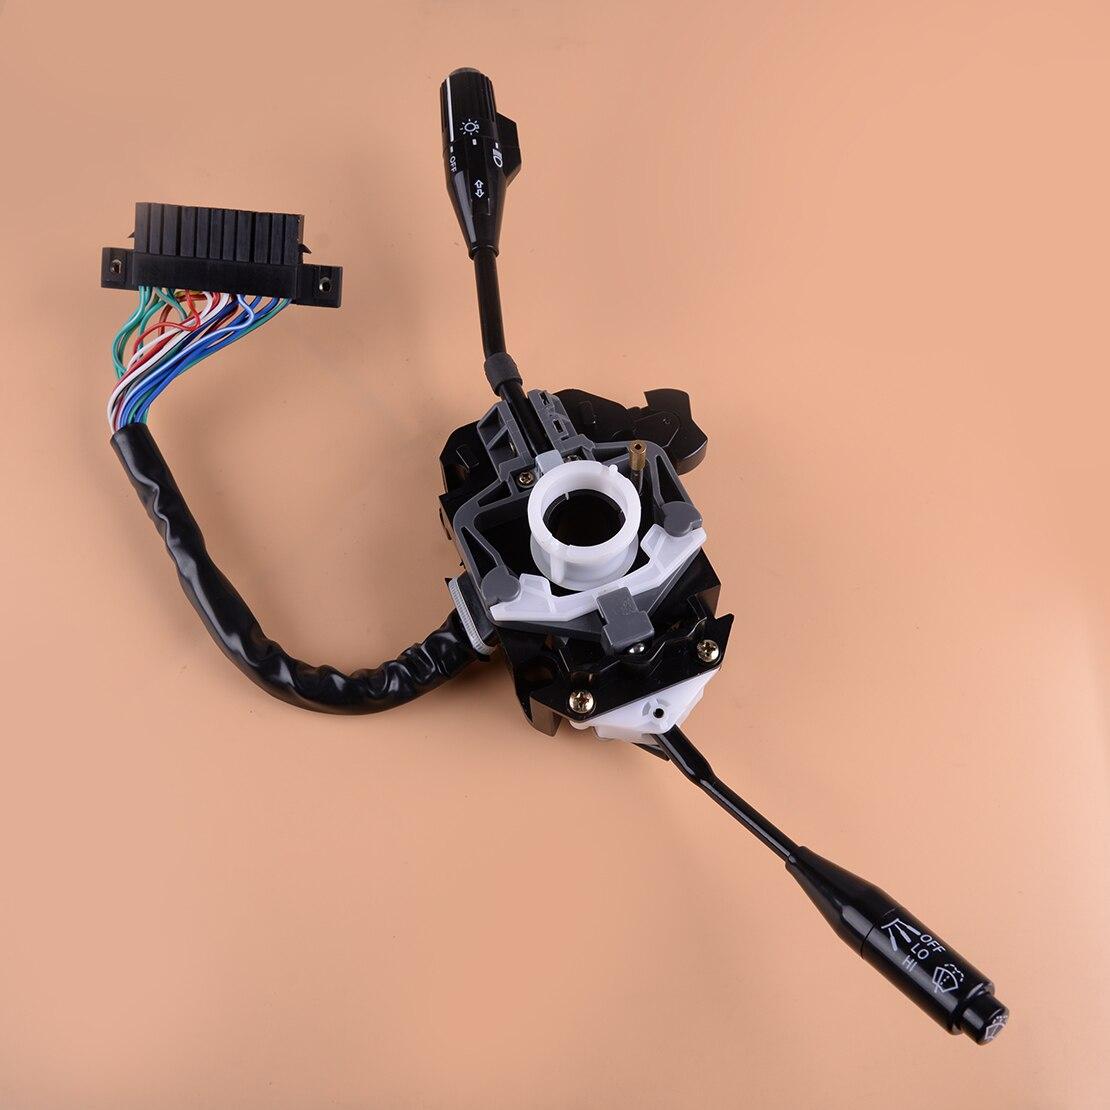 Combinação de carro beler interruptor de sinal de volta 84310-10230 84310-10231 apto para toyota hilux ln30 40 rn30 40 1978-1982 lhd